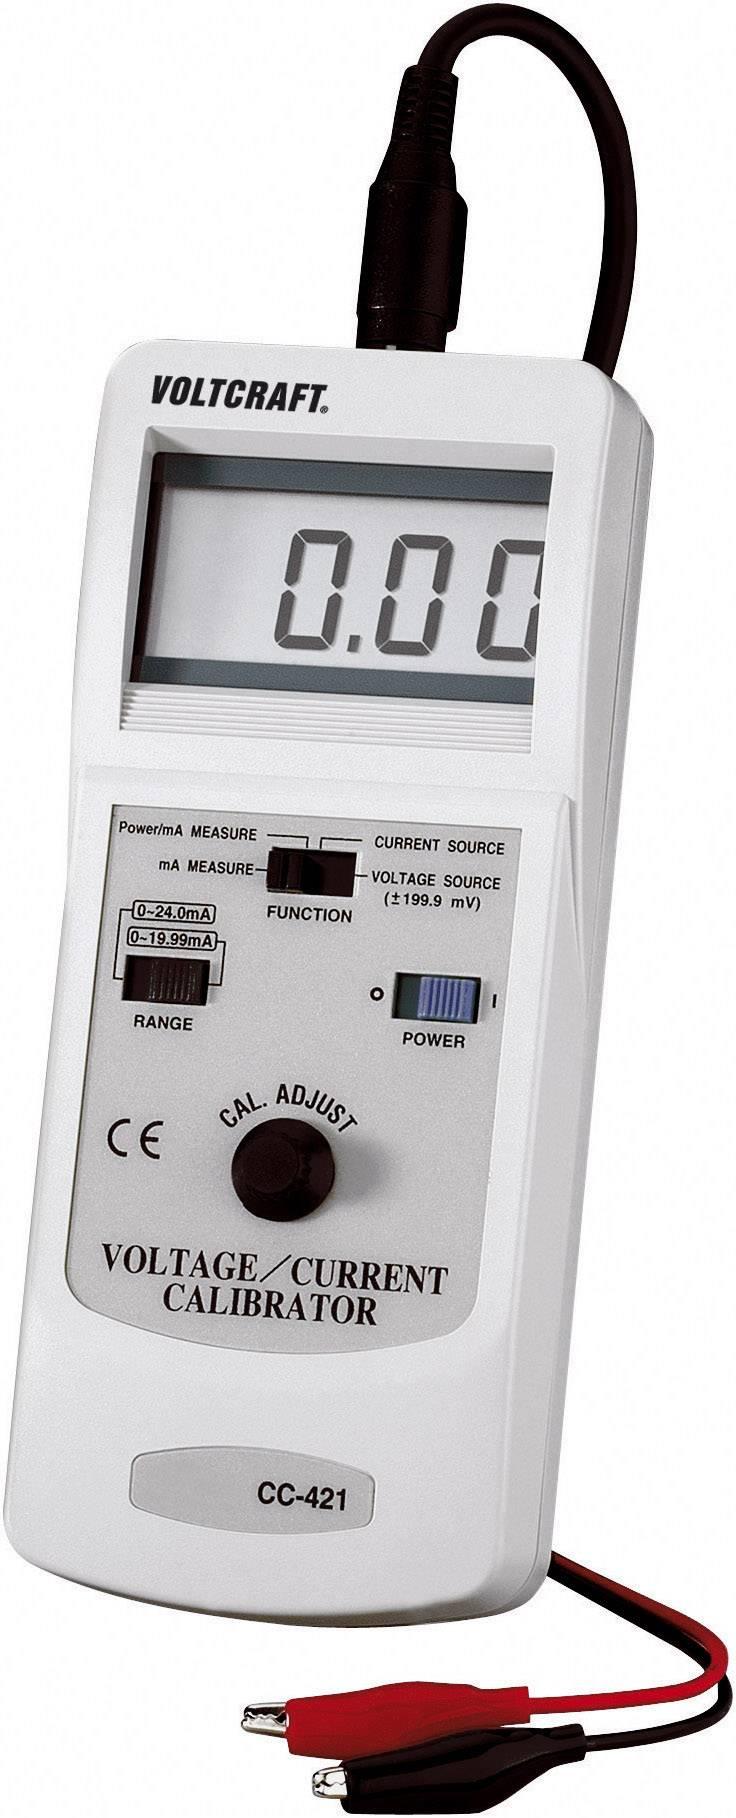 Digitální kalibrační přístroj pro multimetry Voltcraft CC-421, kalibrováno dle ISO